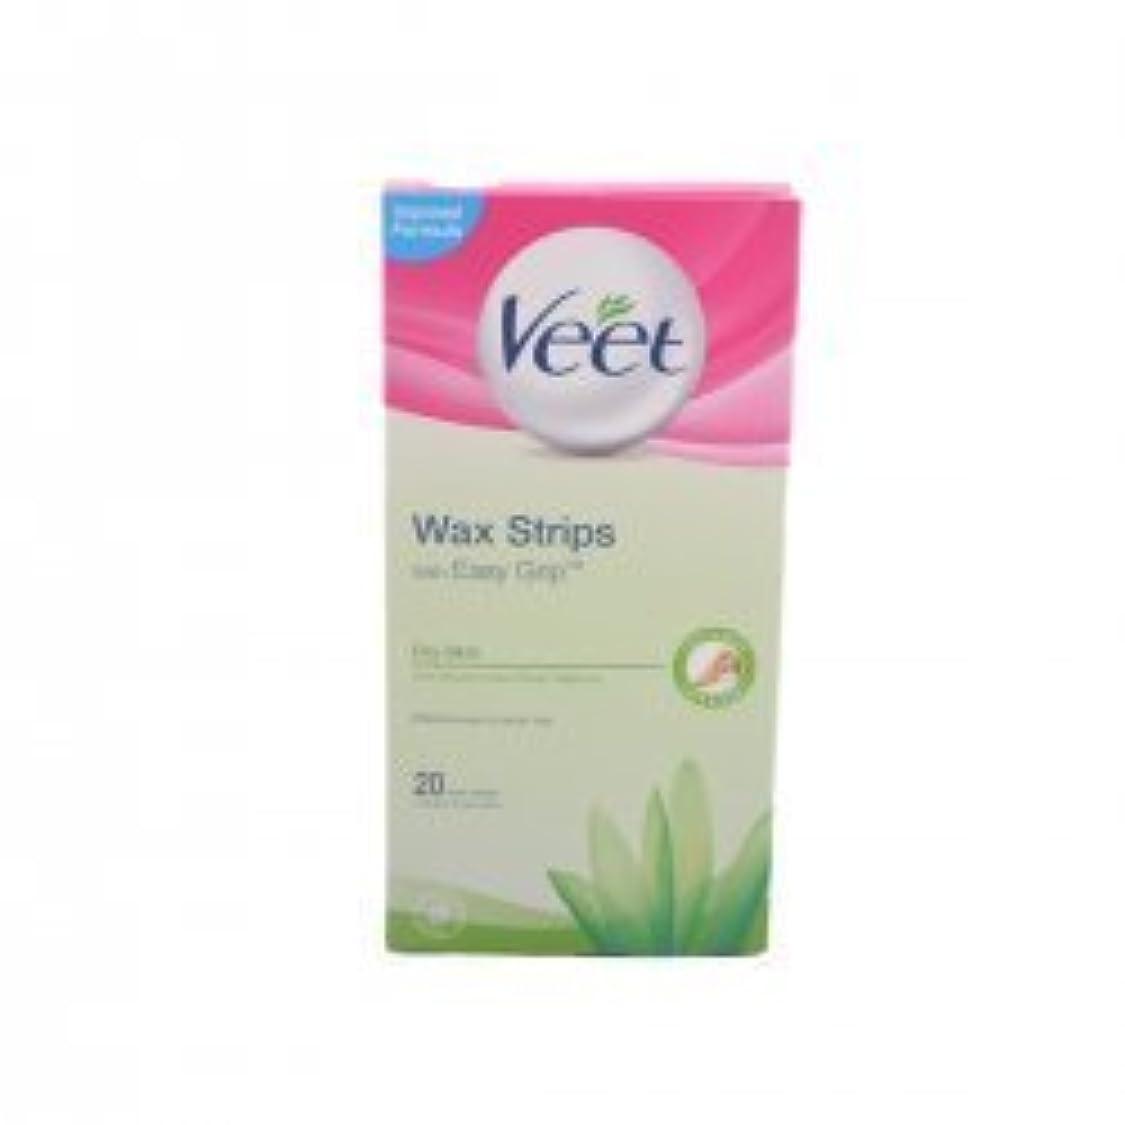 ブリードクラッシュカートVeet For Men Cold Wax Strips Hair removal strips by Veet [並行輸入品]